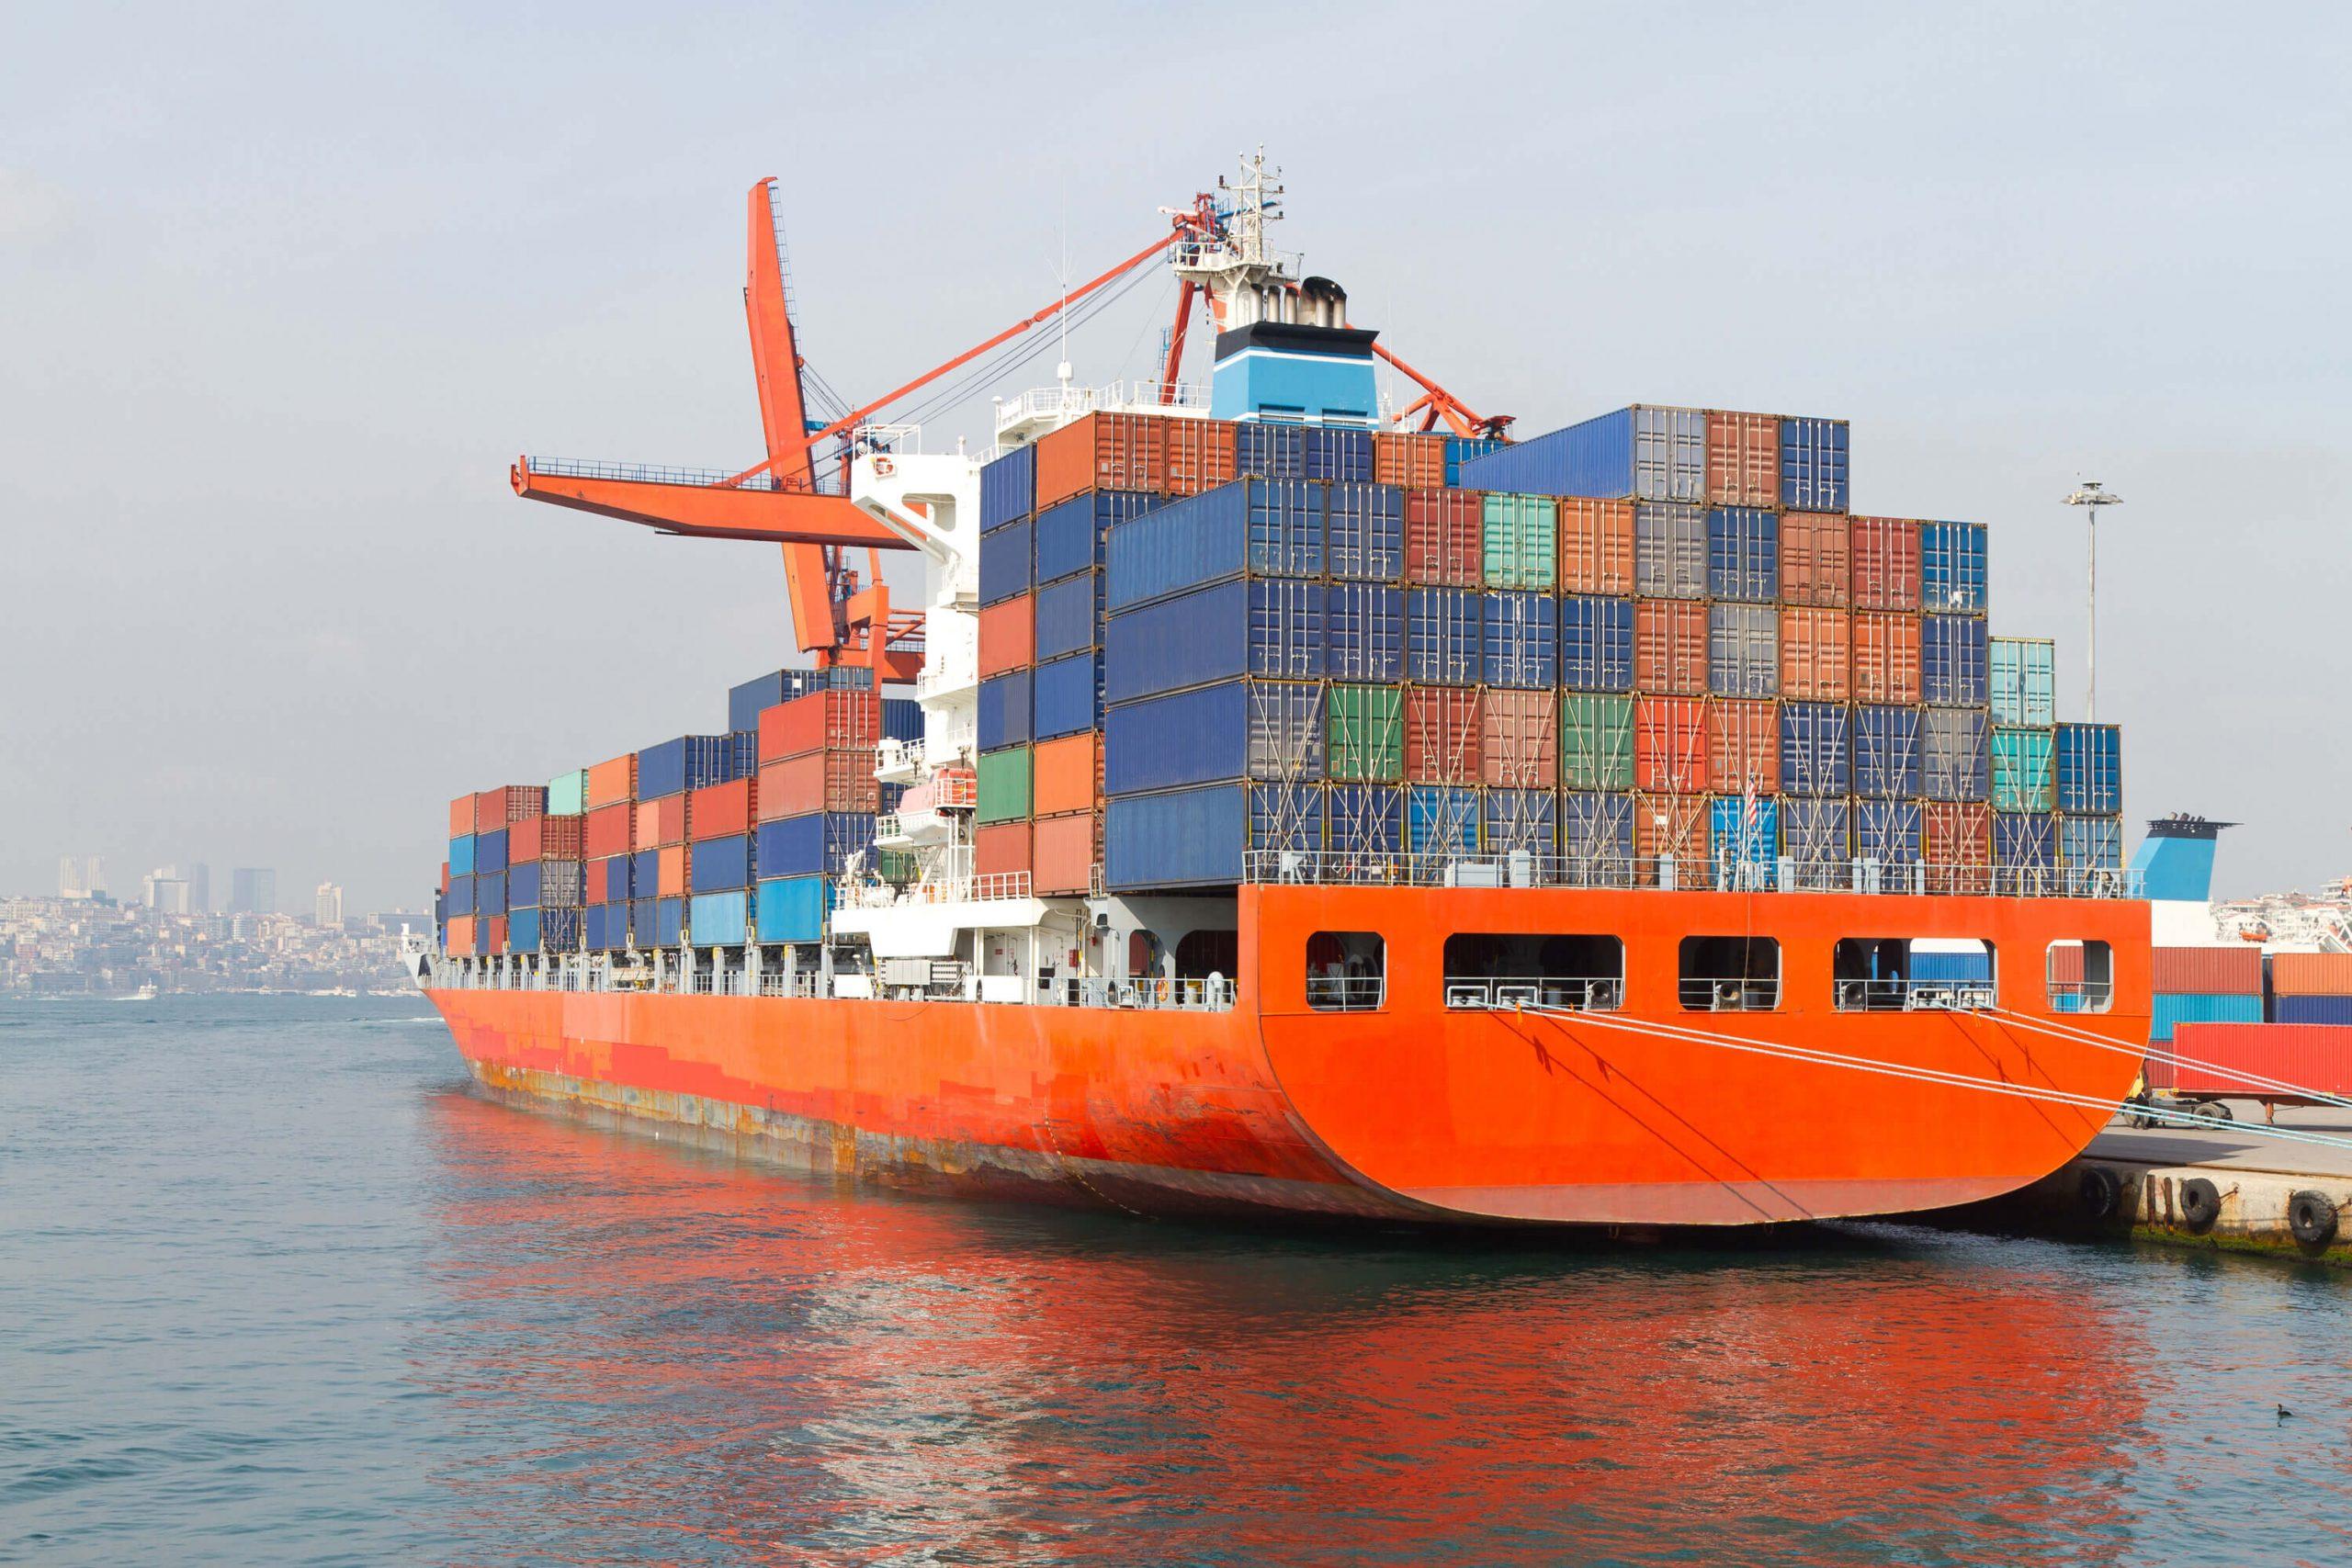 Doanh nghiệp vận tải biển kinh doanh tại Việt Nam phải có trách nhiệm chia sẻ và đóng góp cho nền kinh tế Việt Nam!